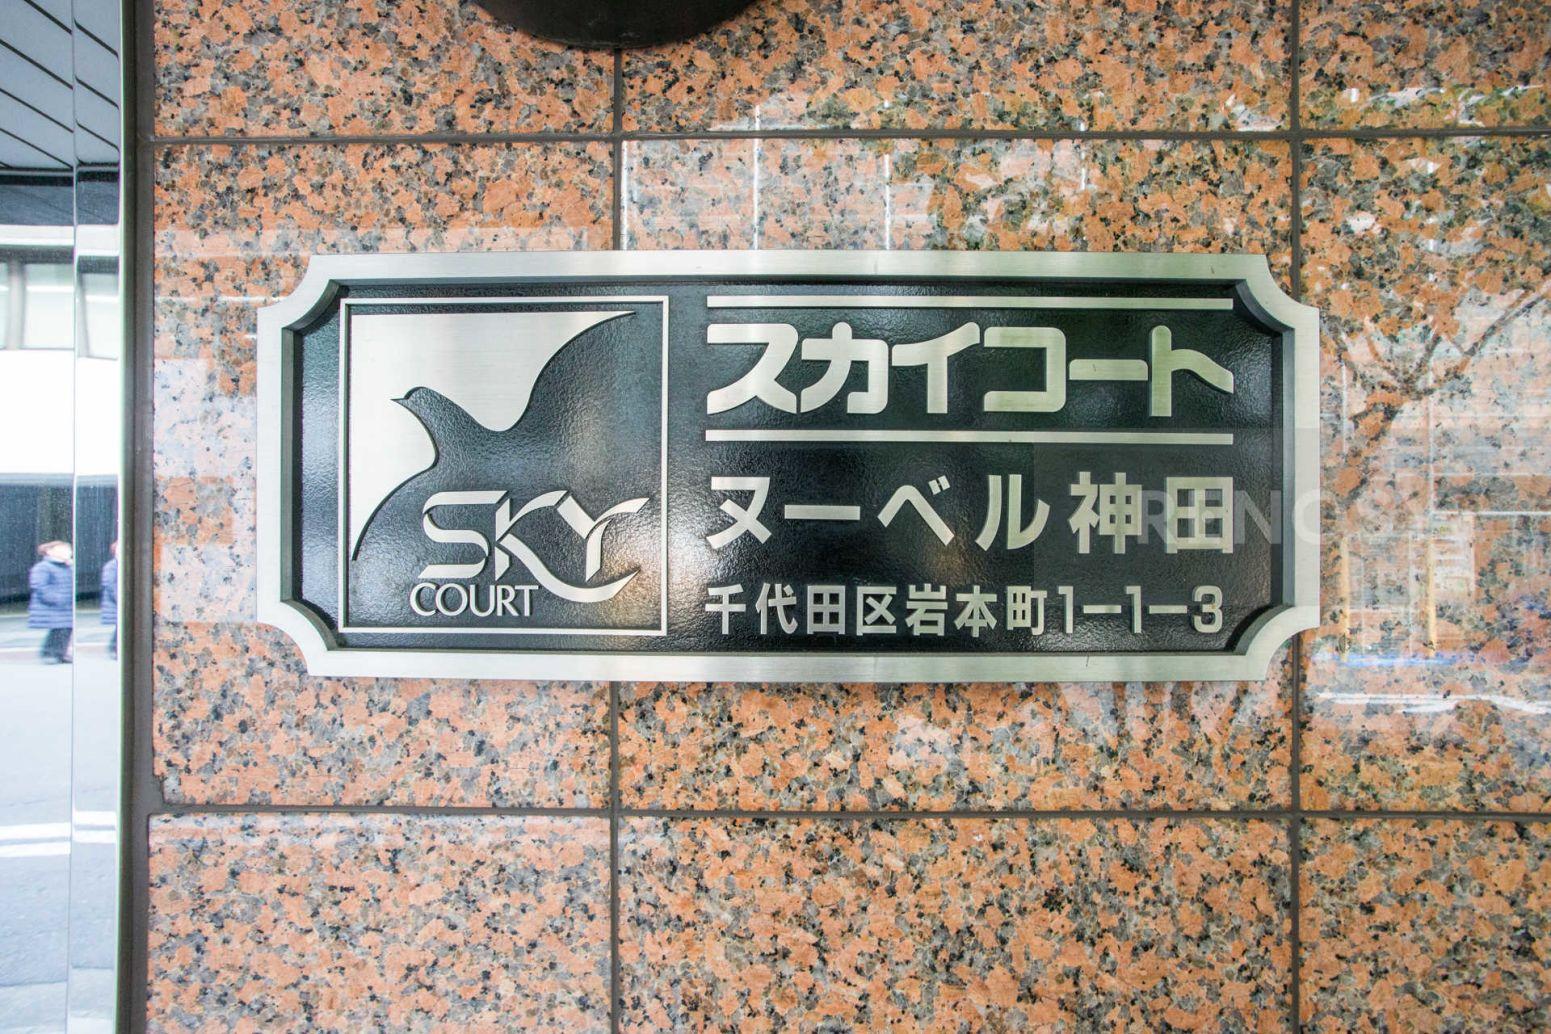 スカイコートヌーベル神田